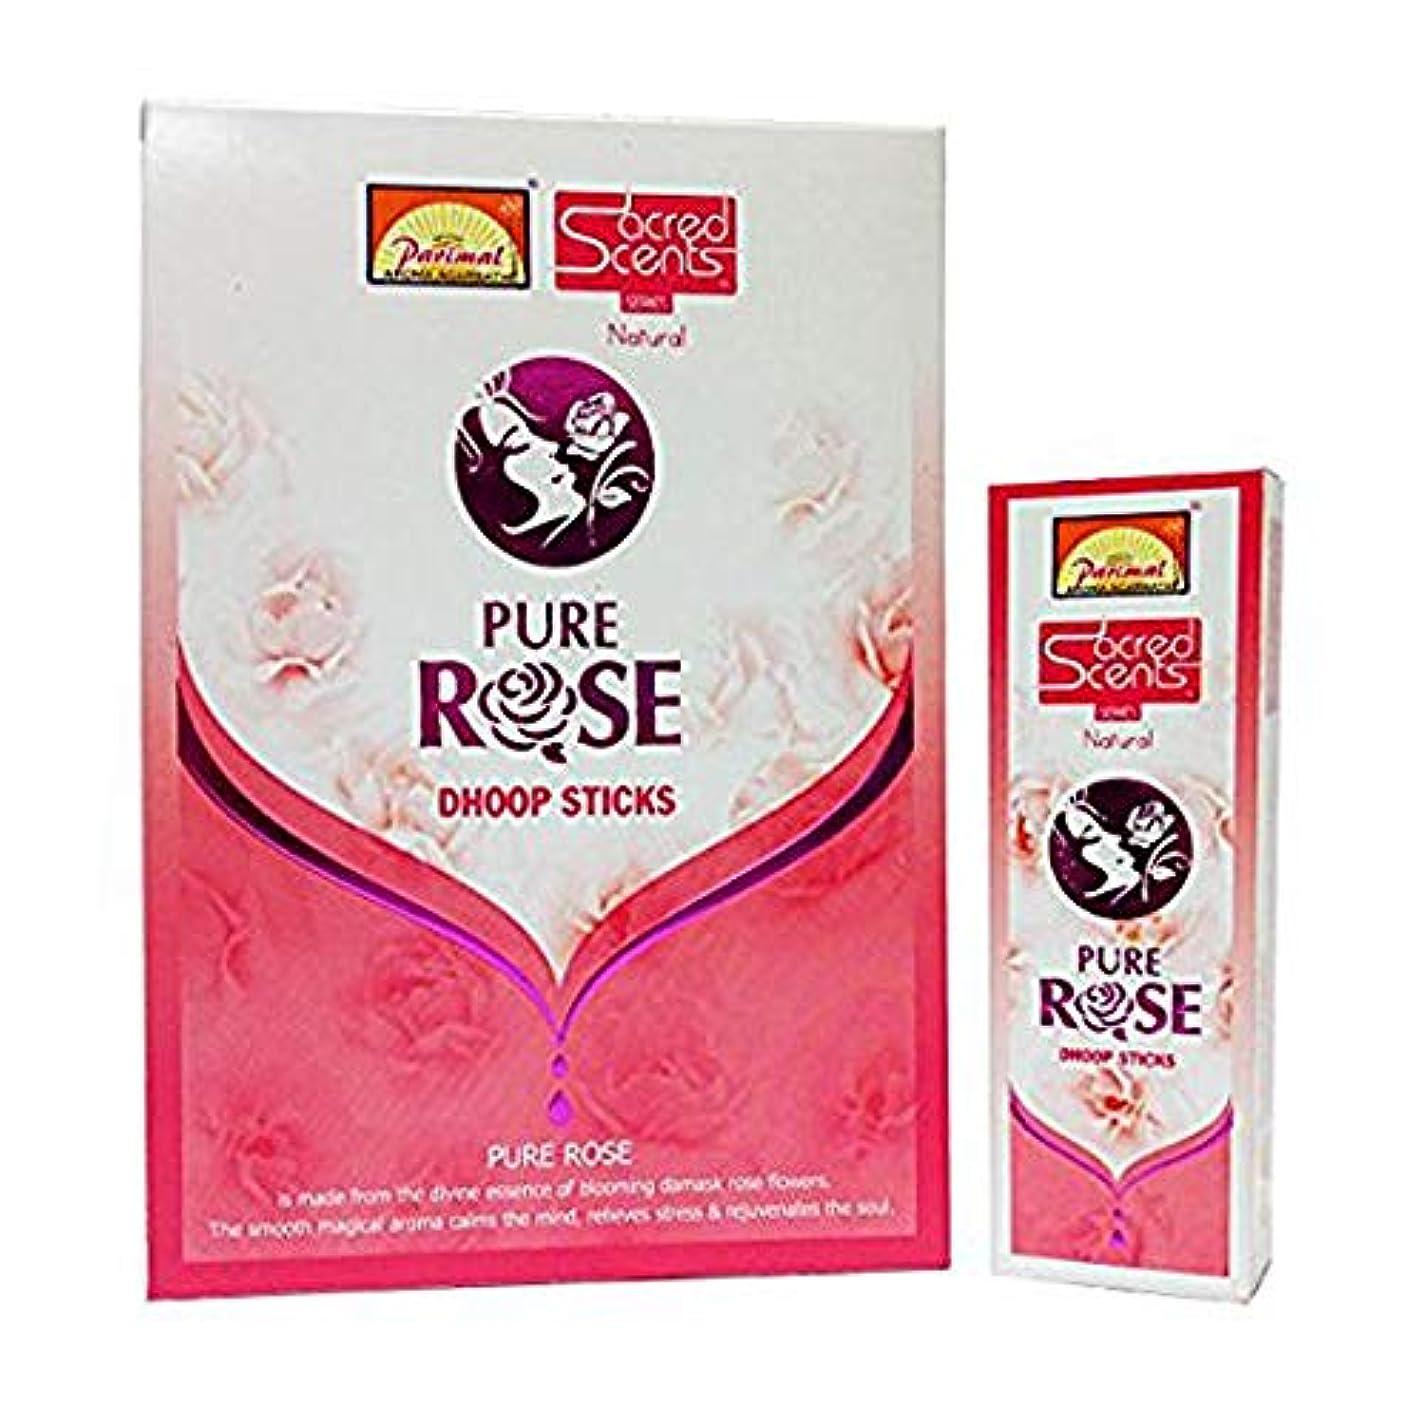 浸す寝るアトラスParimal Sacred Scents Pure Rose Dhoop Sticks 50グラムパック、6カウントin aボックス